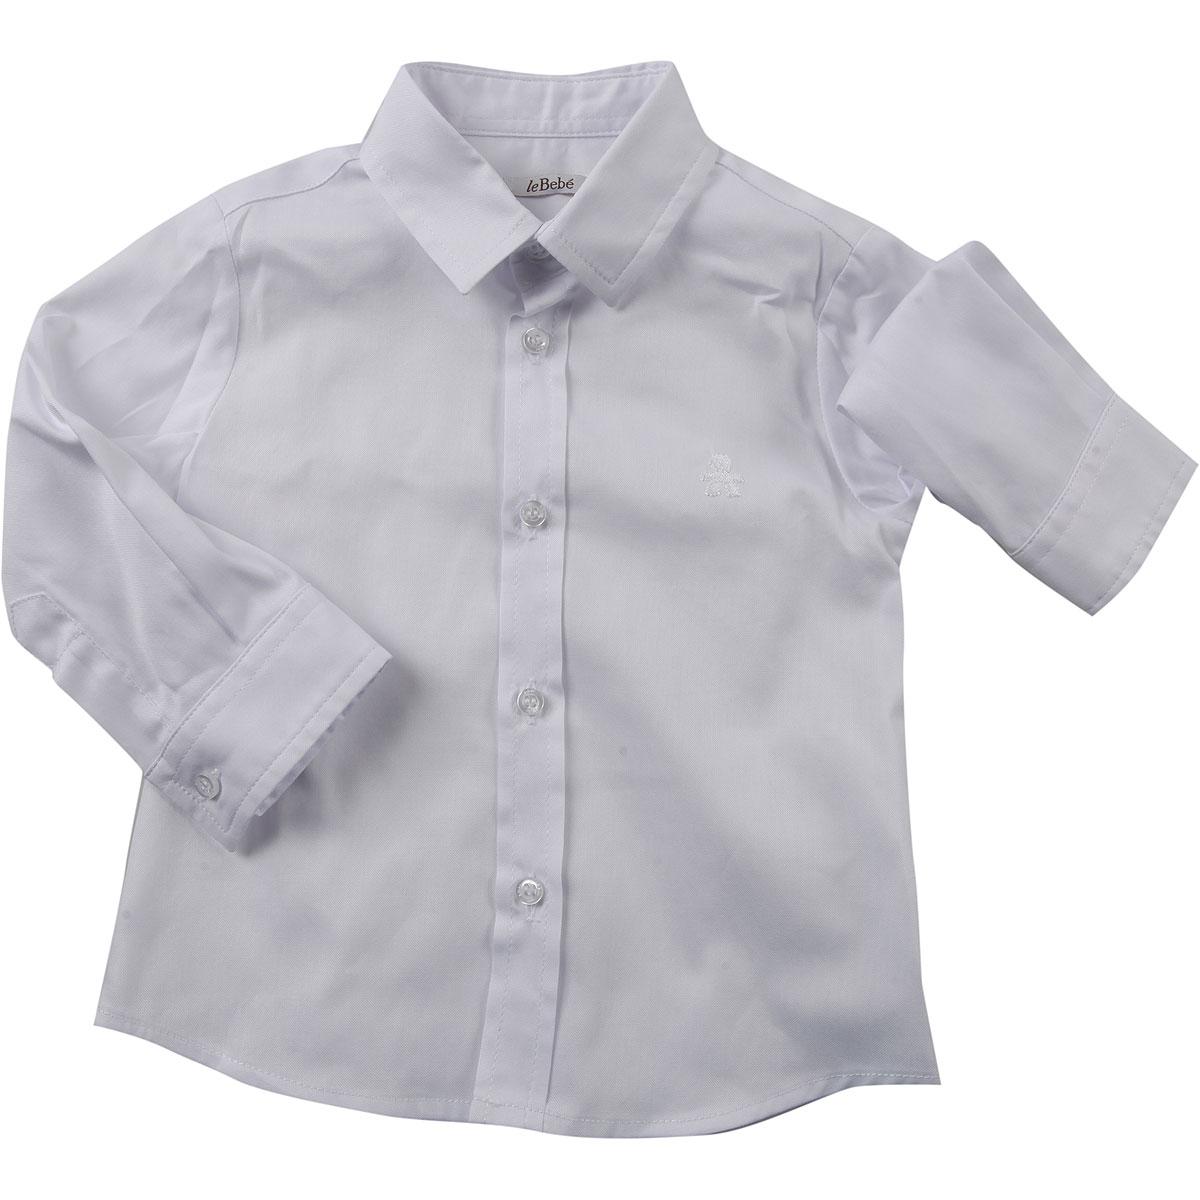 Le Bebe Chemises Bébé pour Garçon, Blanc, Coton, 2017, 12M 18M 6M 9M